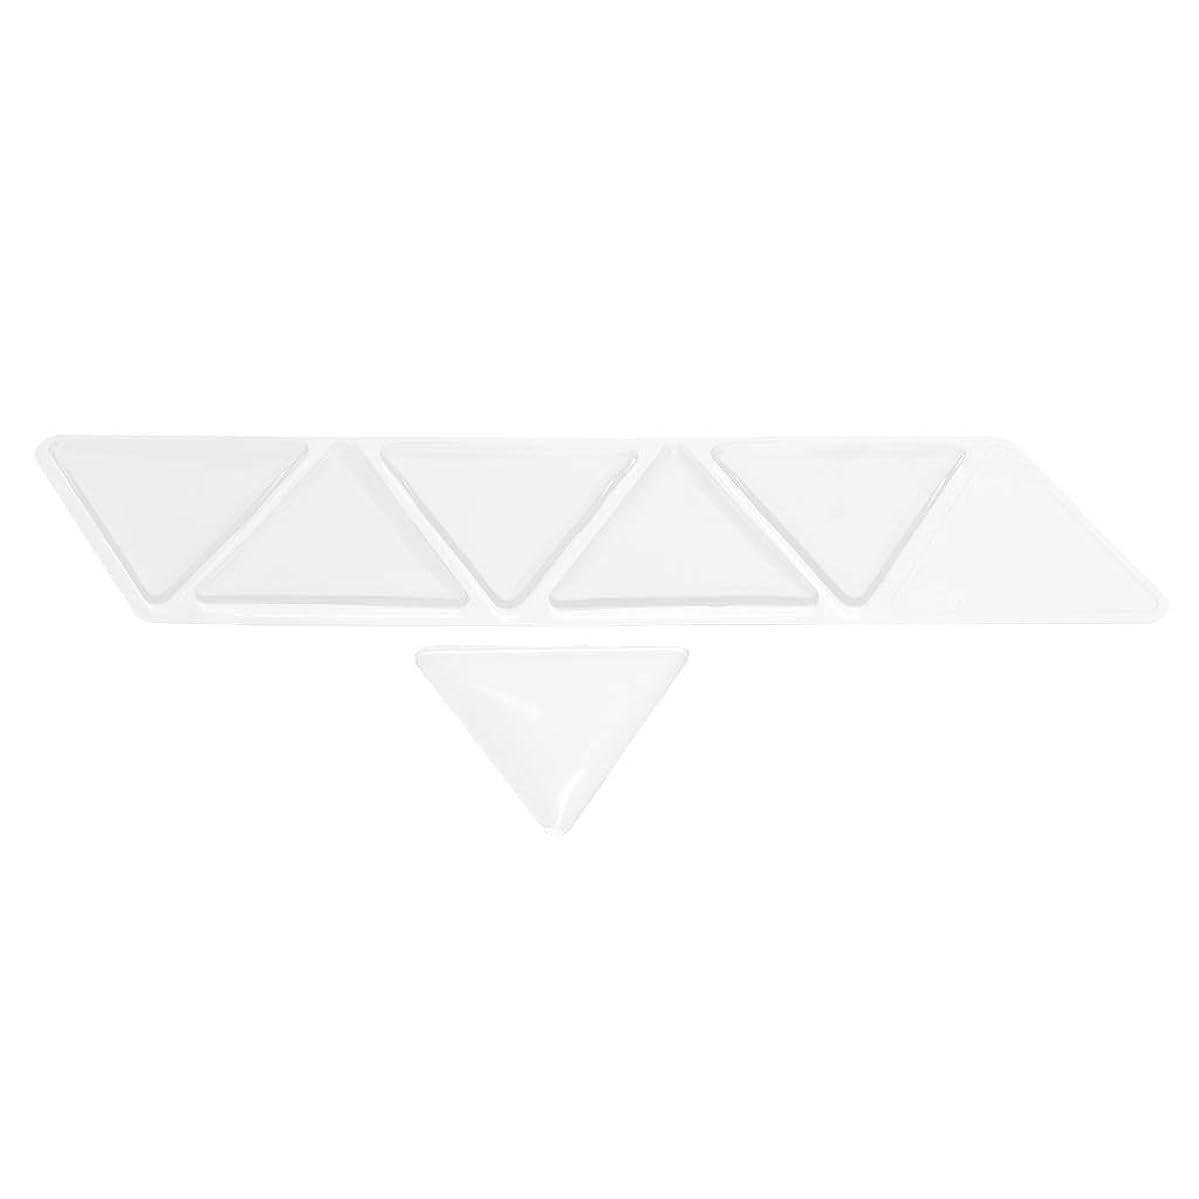 バッチ任命する悲鳴Hellery 額パッド シリコン 透明 額スキンケア 再利用可能な 目に見えない 三角パッド 6個セット